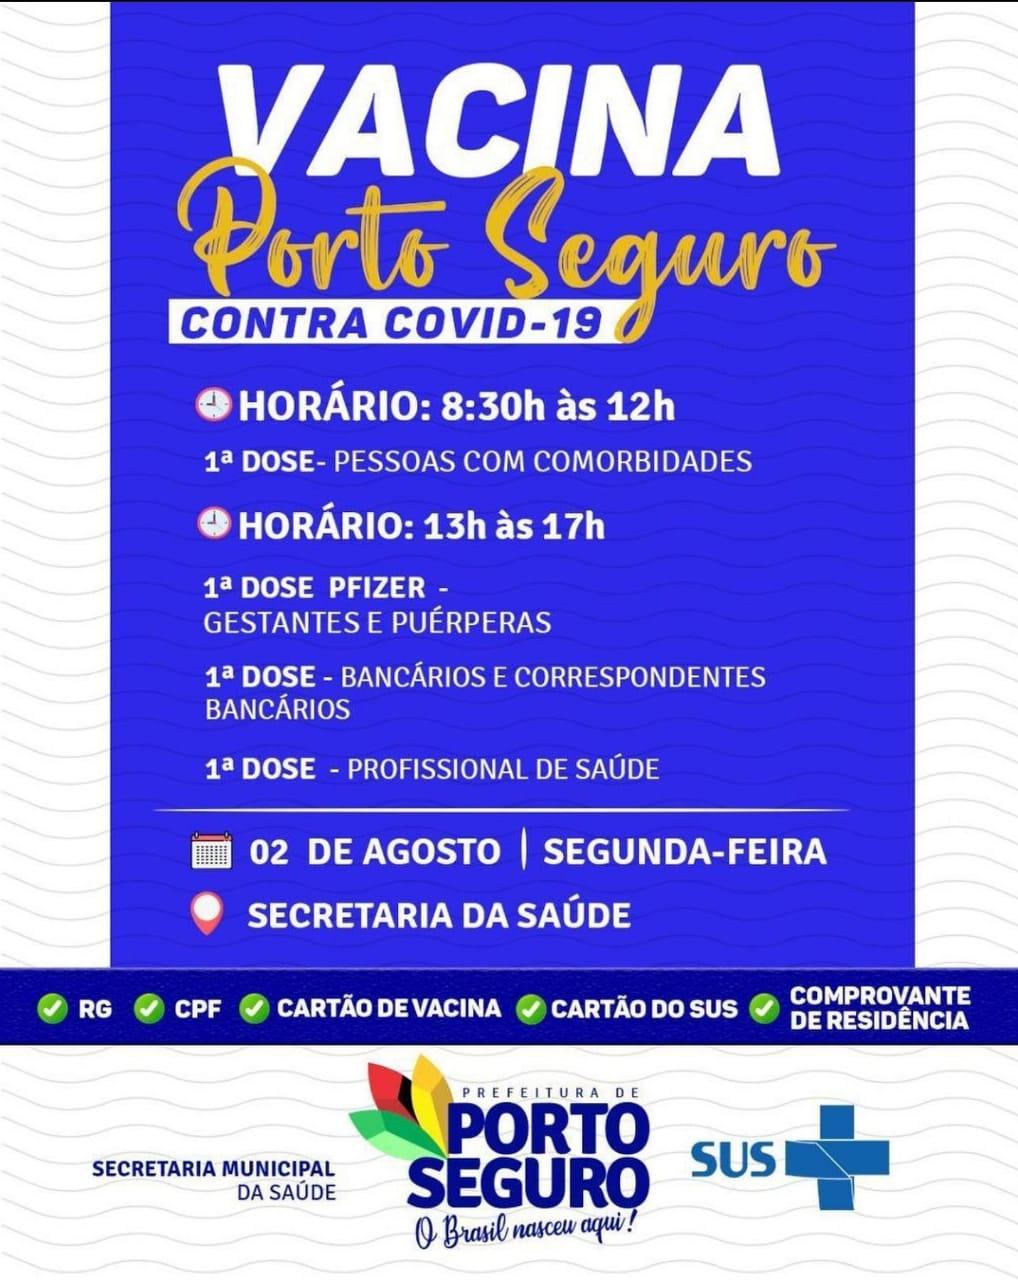 Vacina Porto Seguro contra Covid-19; cronograma de vacinação de 02 a 04 de Agosto 32